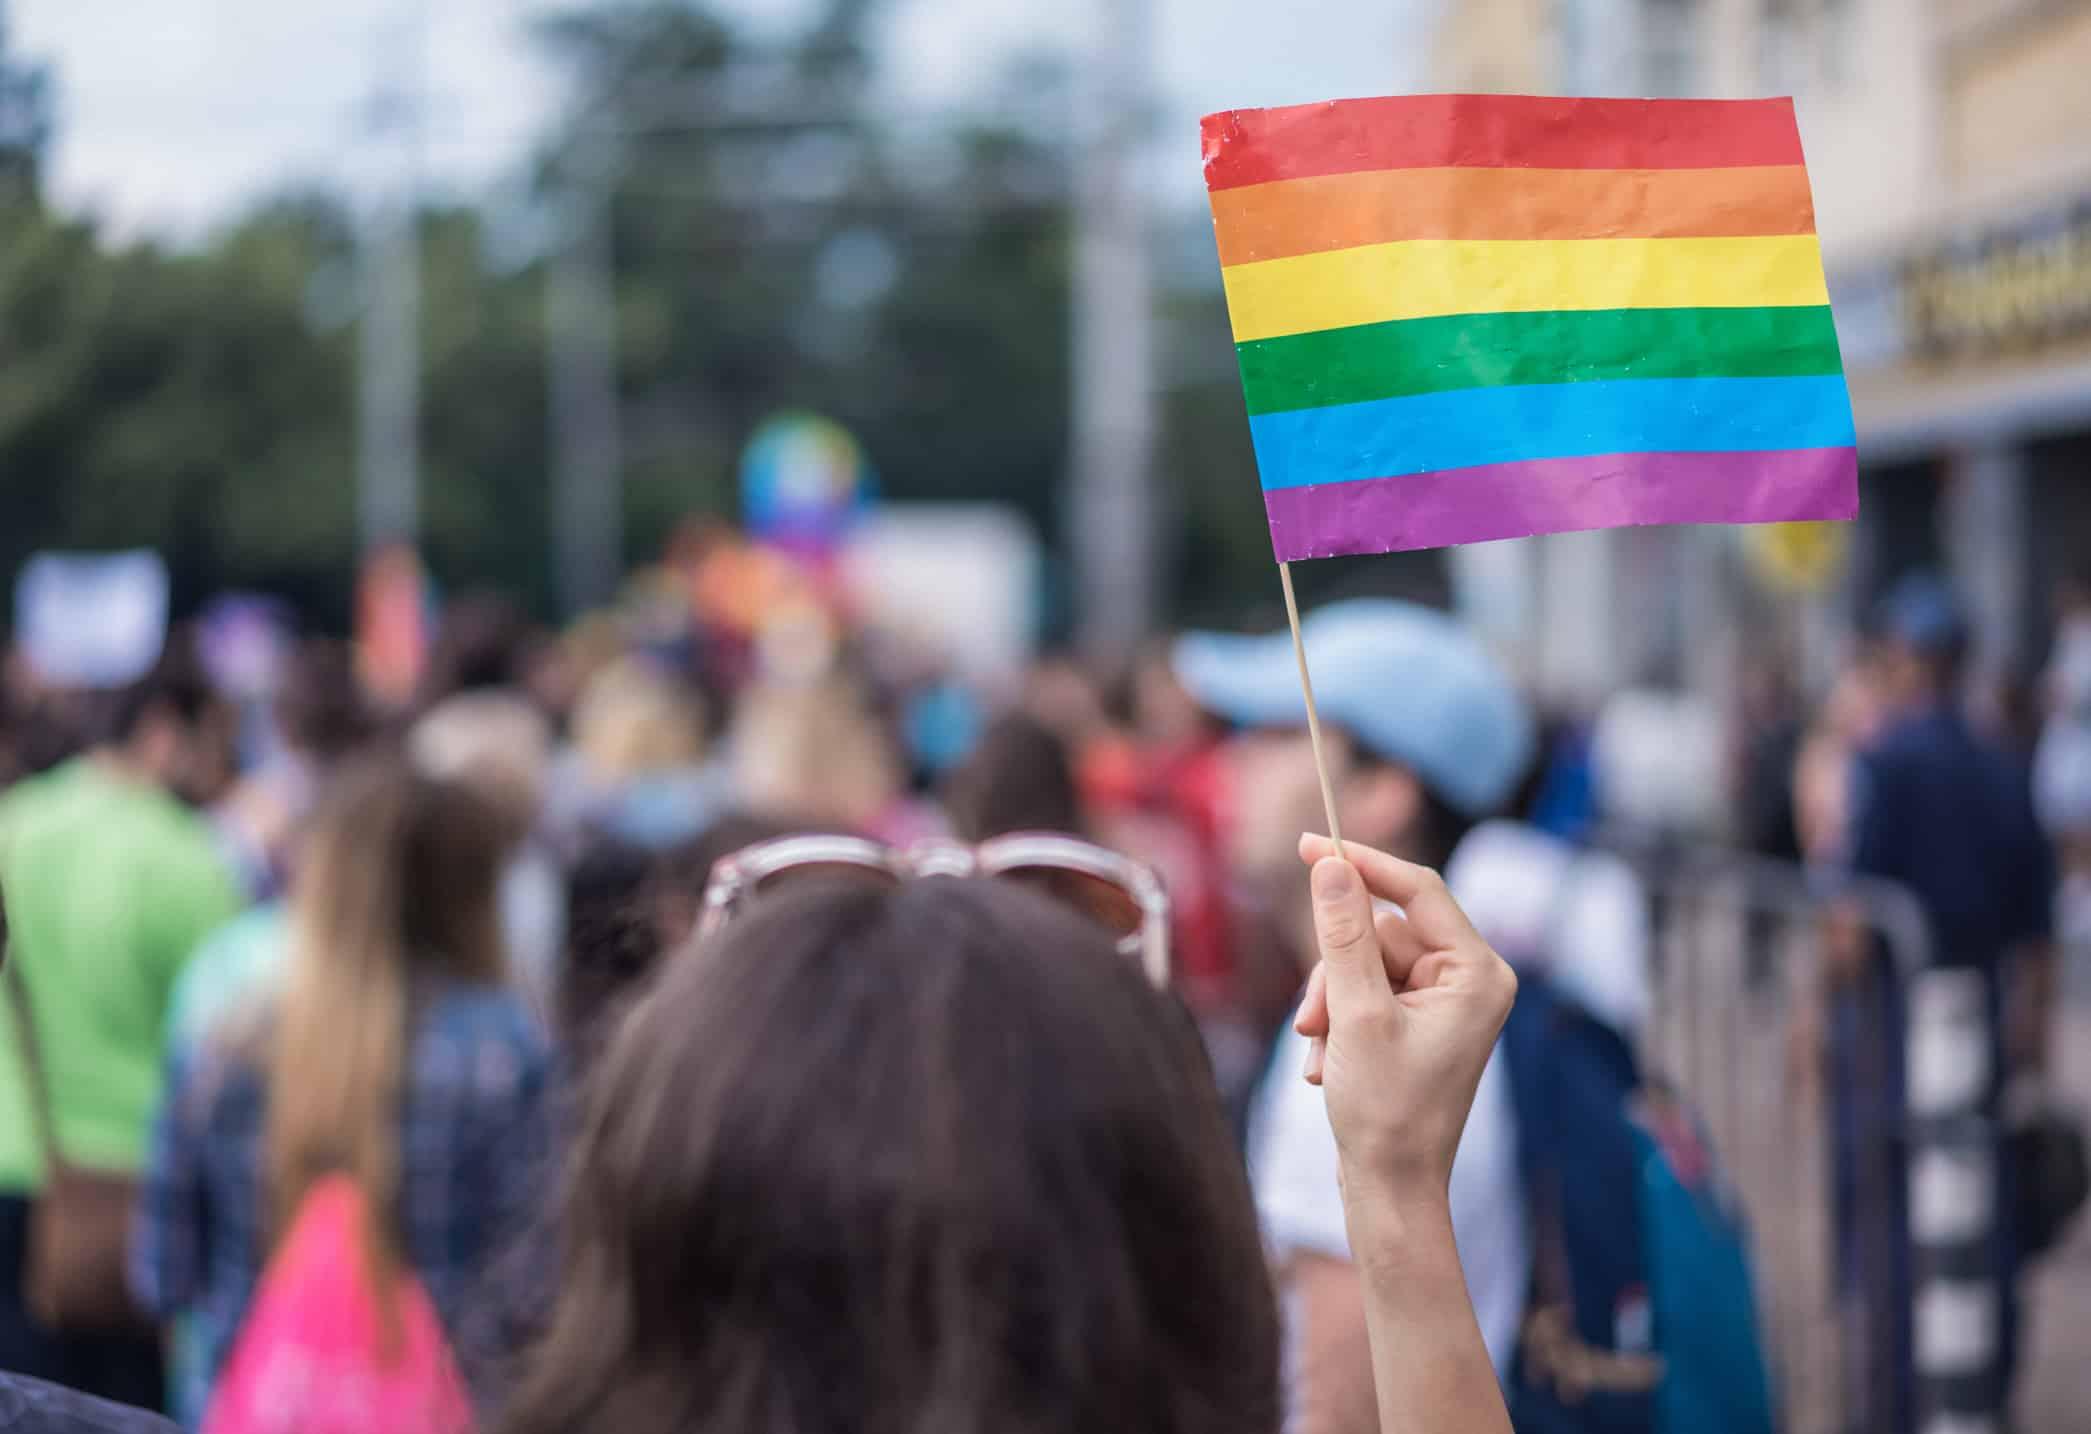 O que a comunidade LGBTQ+ espera das marcas